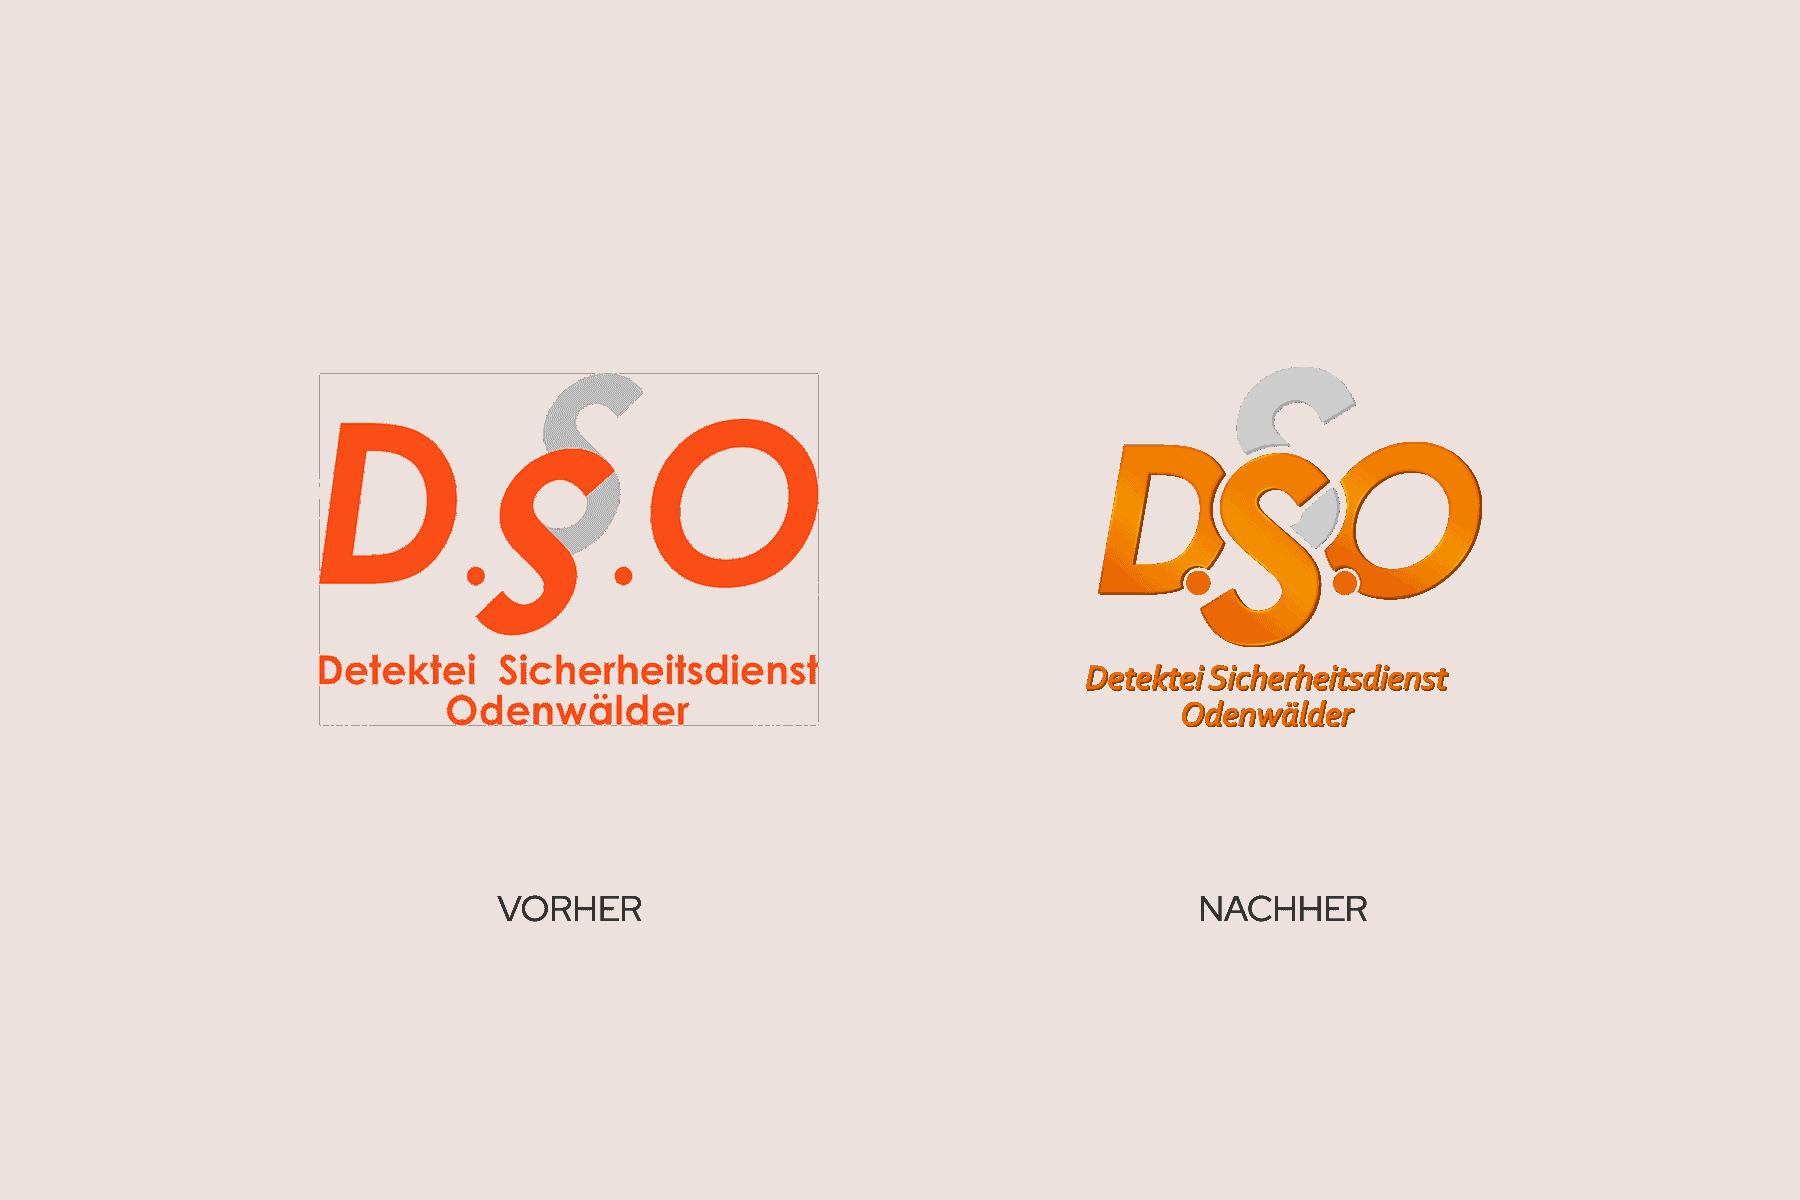 Design von Logos im Vorher-Nachher-Vergleich